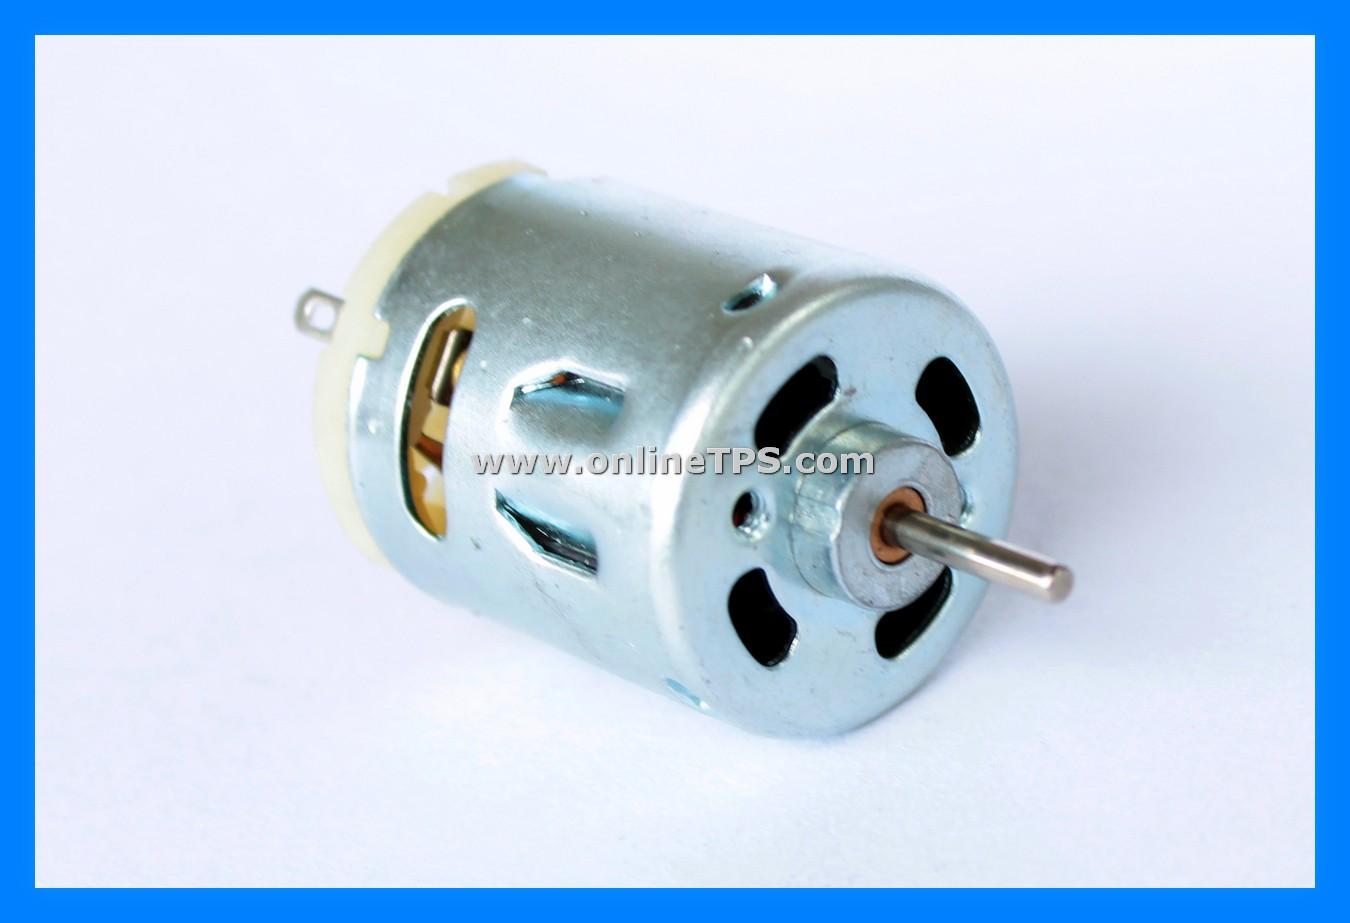 http://3.bp.blogspot.com/-INa97lsdTzI/UhdrmdXzWcI/AAAAAAAACVo/0BUF7cIs-8A/s1600/High_Torque_DC_Motor_9.jpg